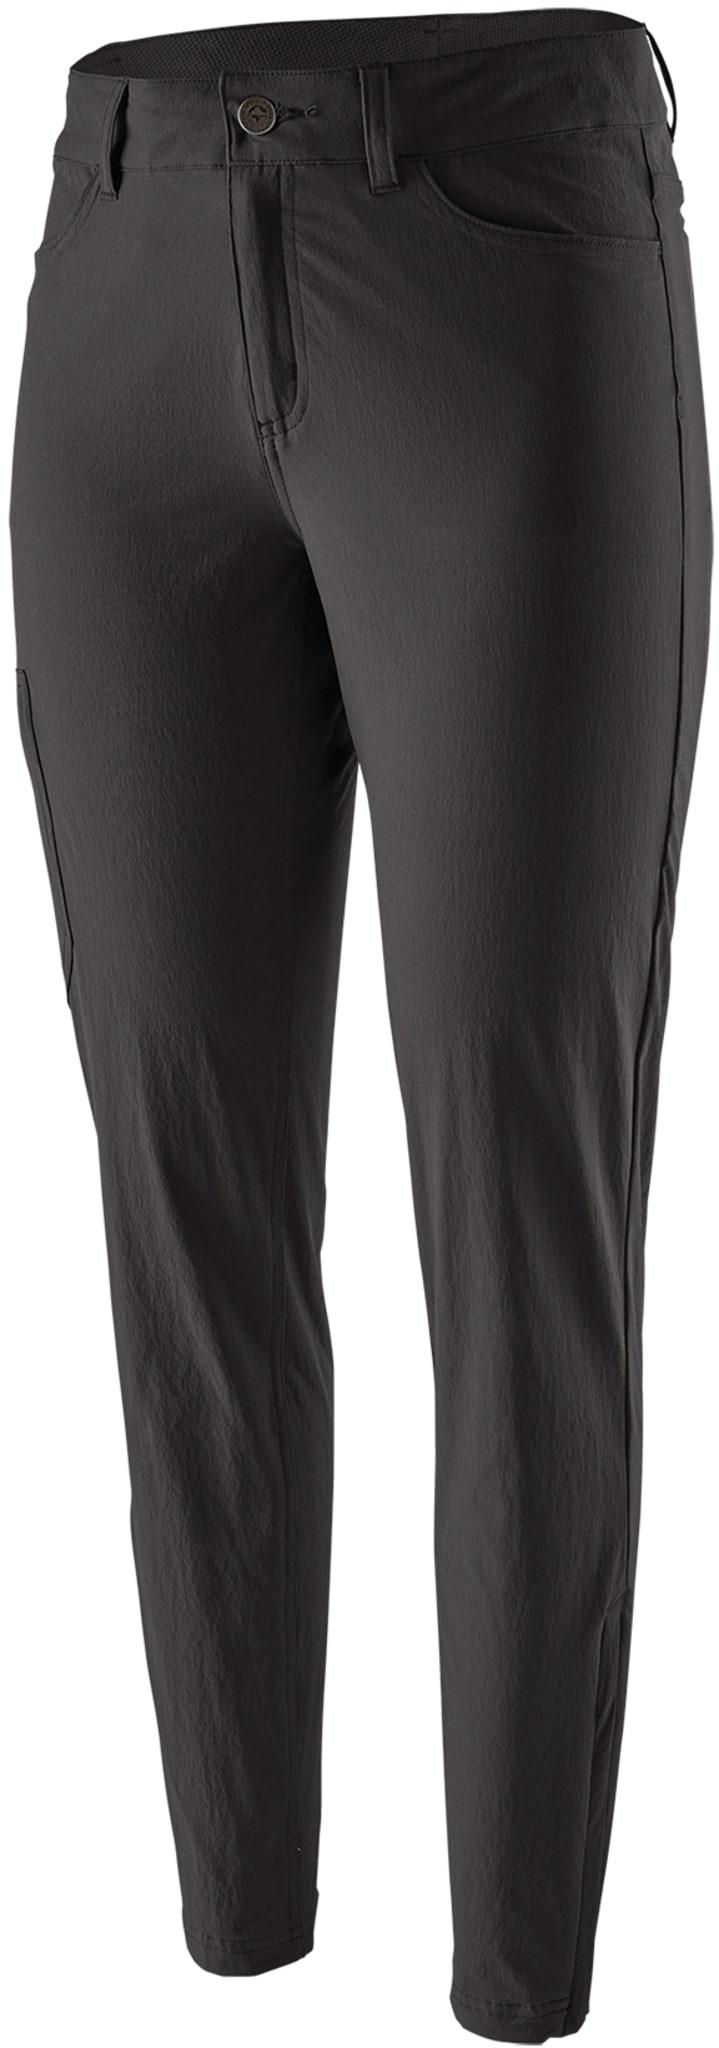 Lette og tettsittende bukser til tur og reise